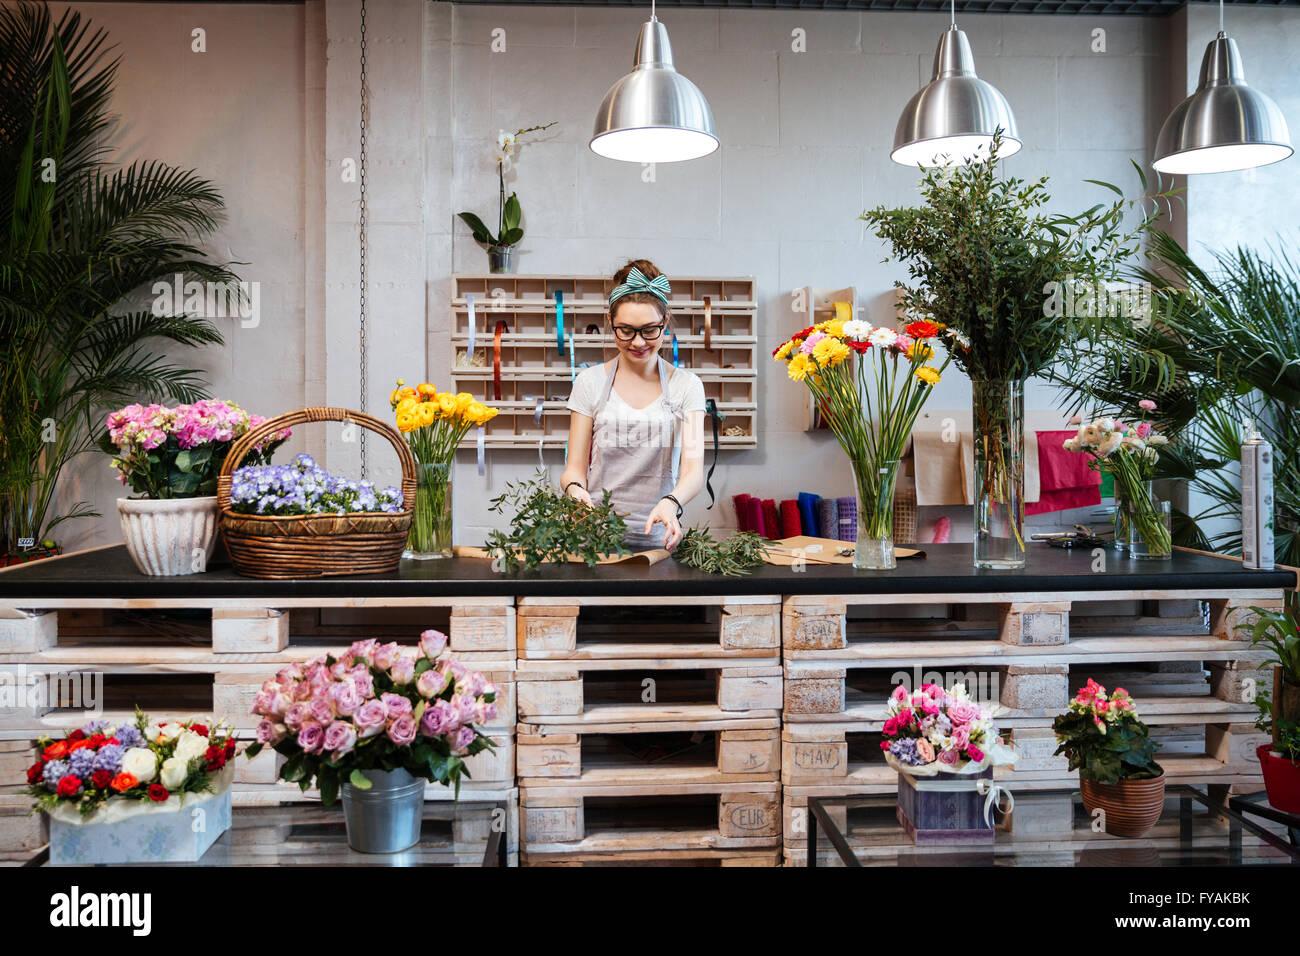 Attraktive junge Frau Floristen stehen und arbeiten im Blumenladen lächelnd Stockbild